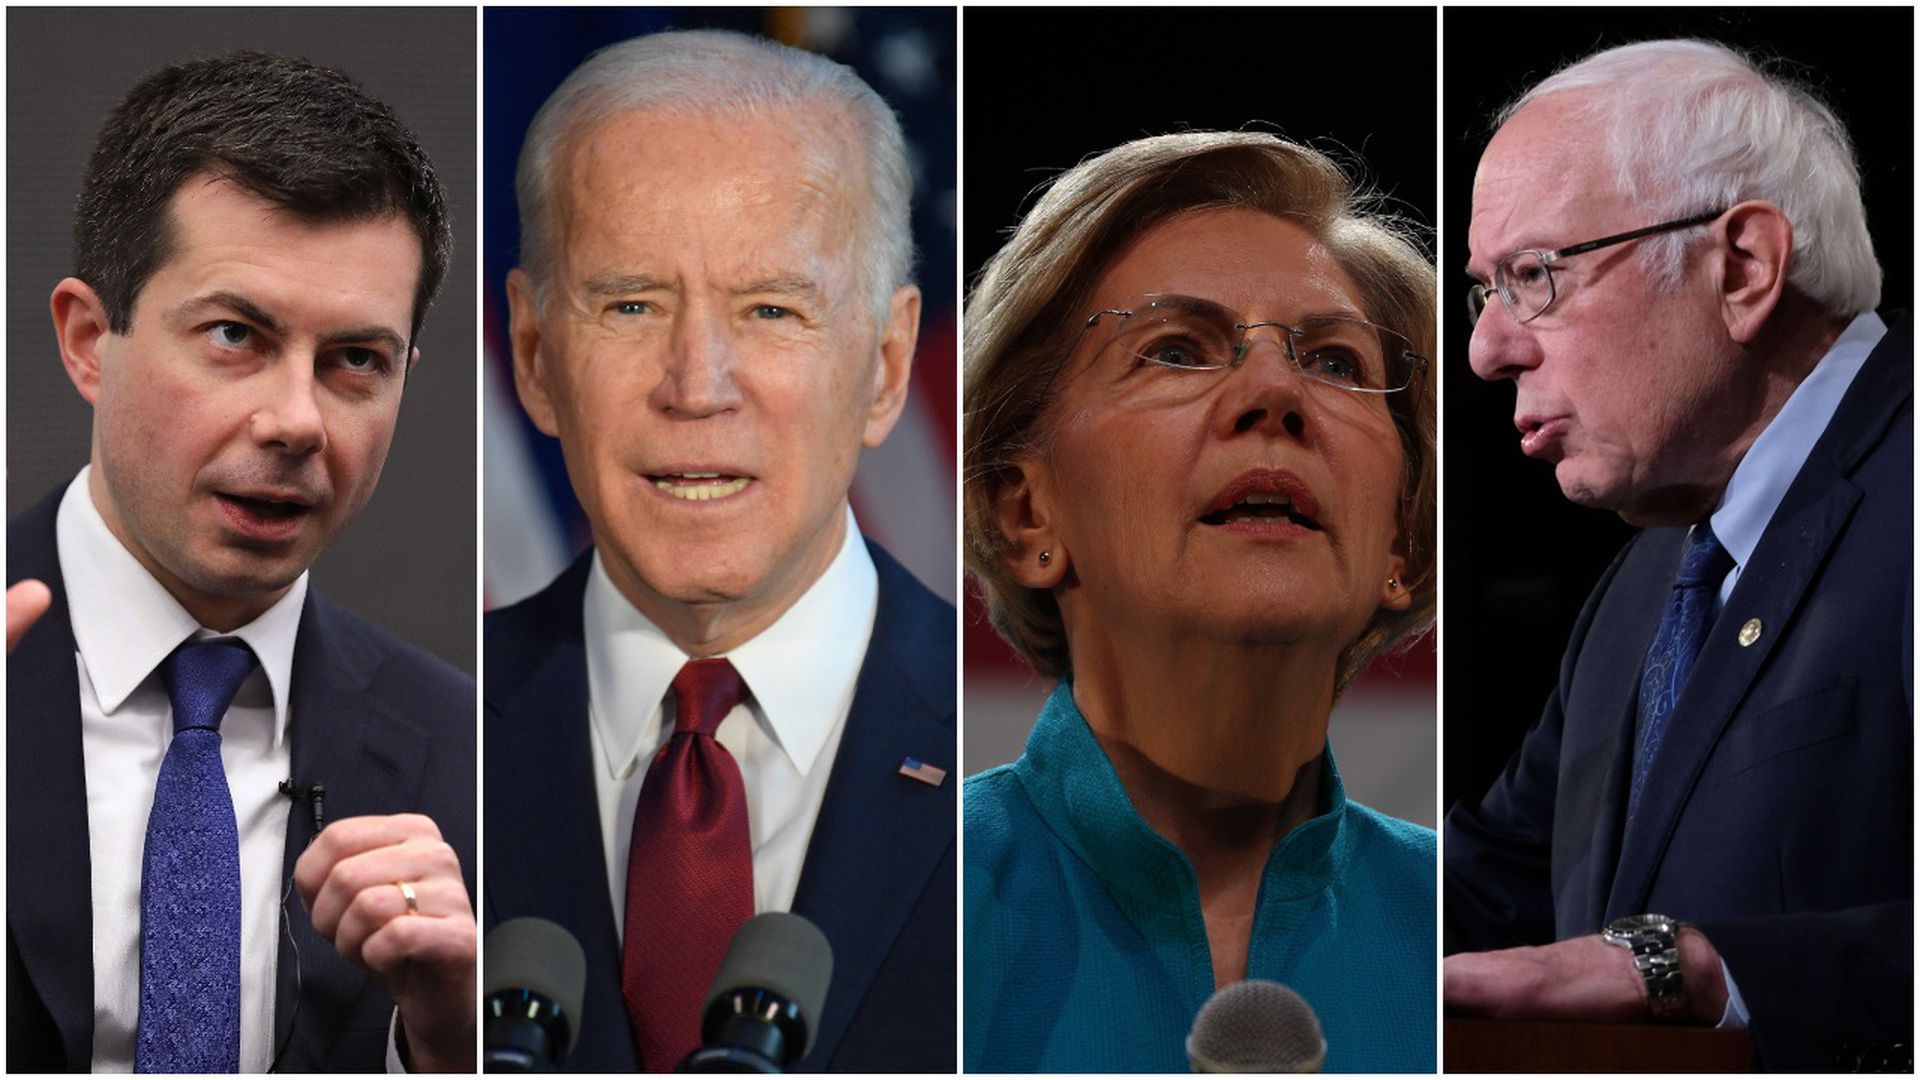 This image is a four-way split between Joe Biden, Elizabeth Warren, Pete Buttigieg, Bernie Sanders